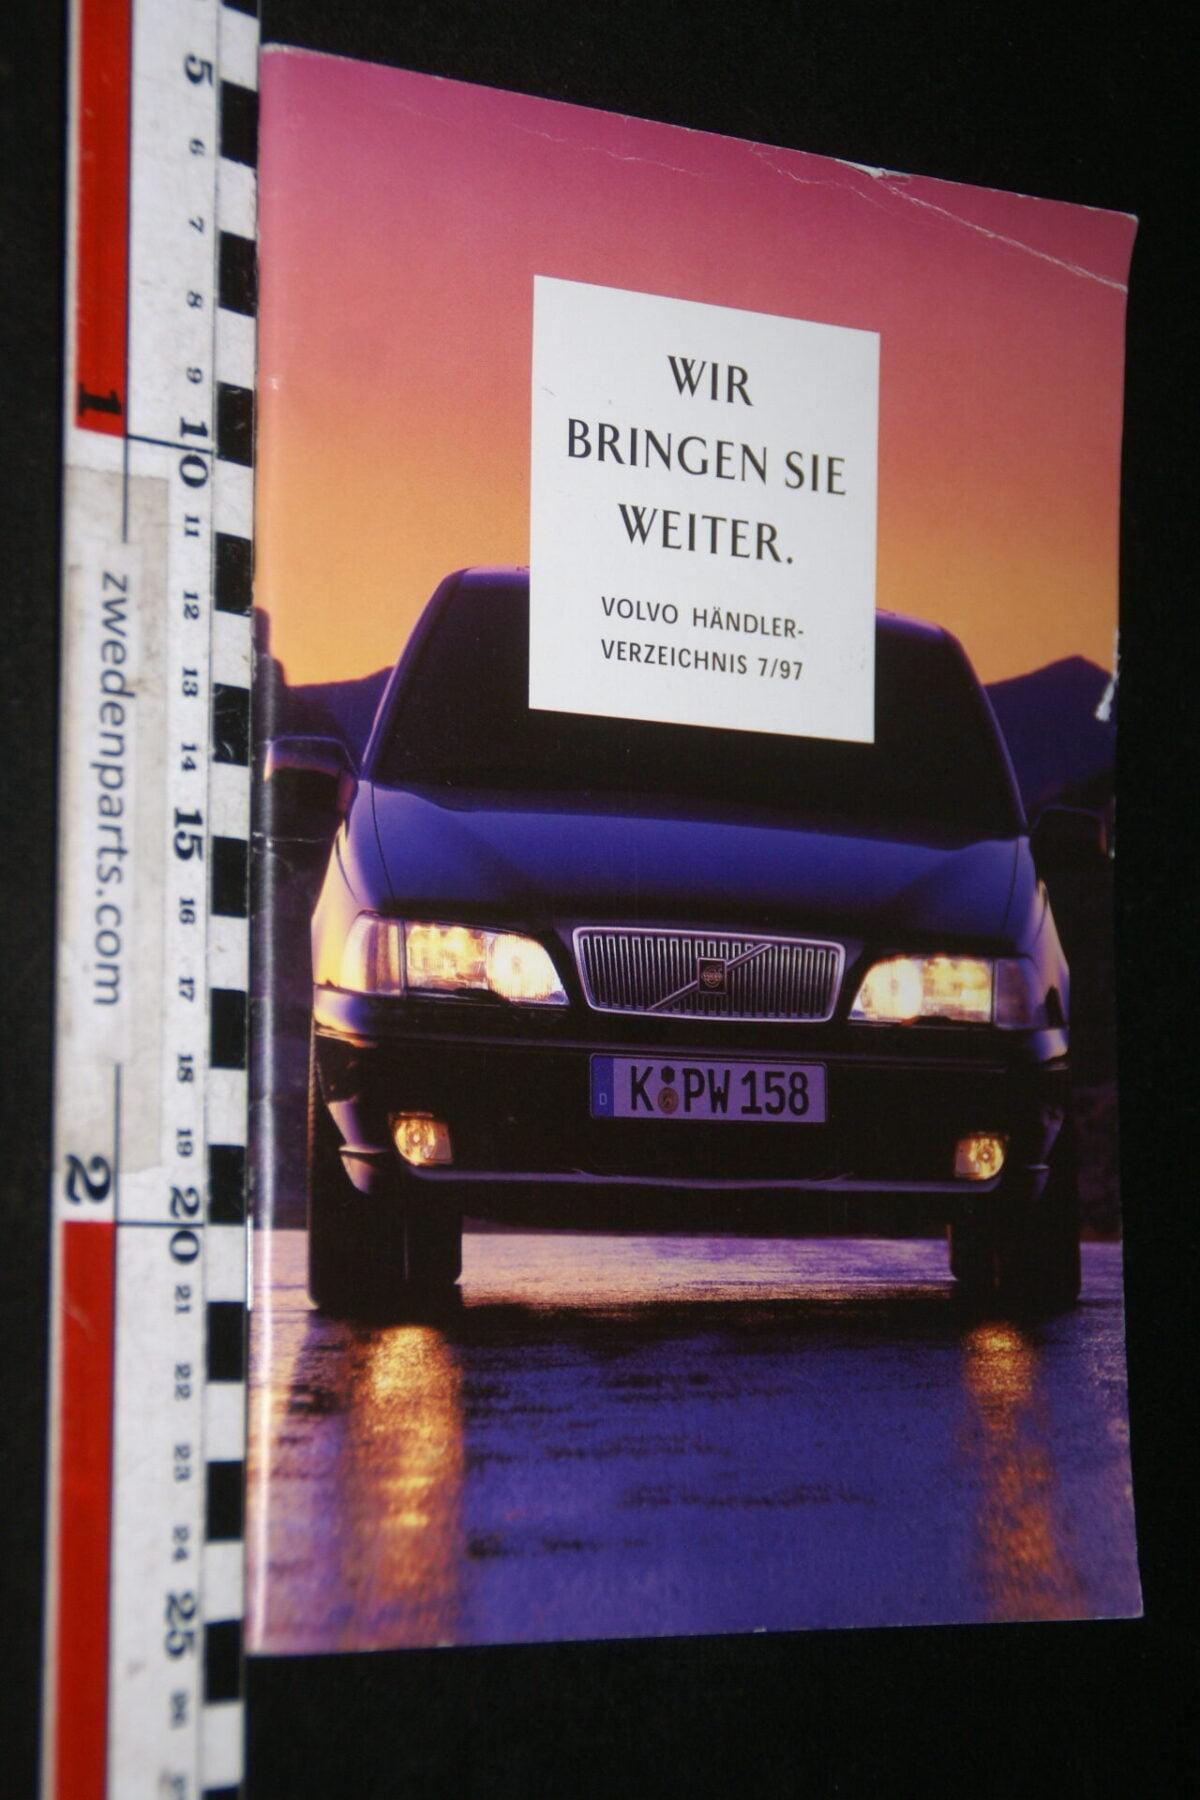 DSC06210 1997 boek Volvo Händler Verzeignis, nr. 9166 459, Deutsch-41d35c1d